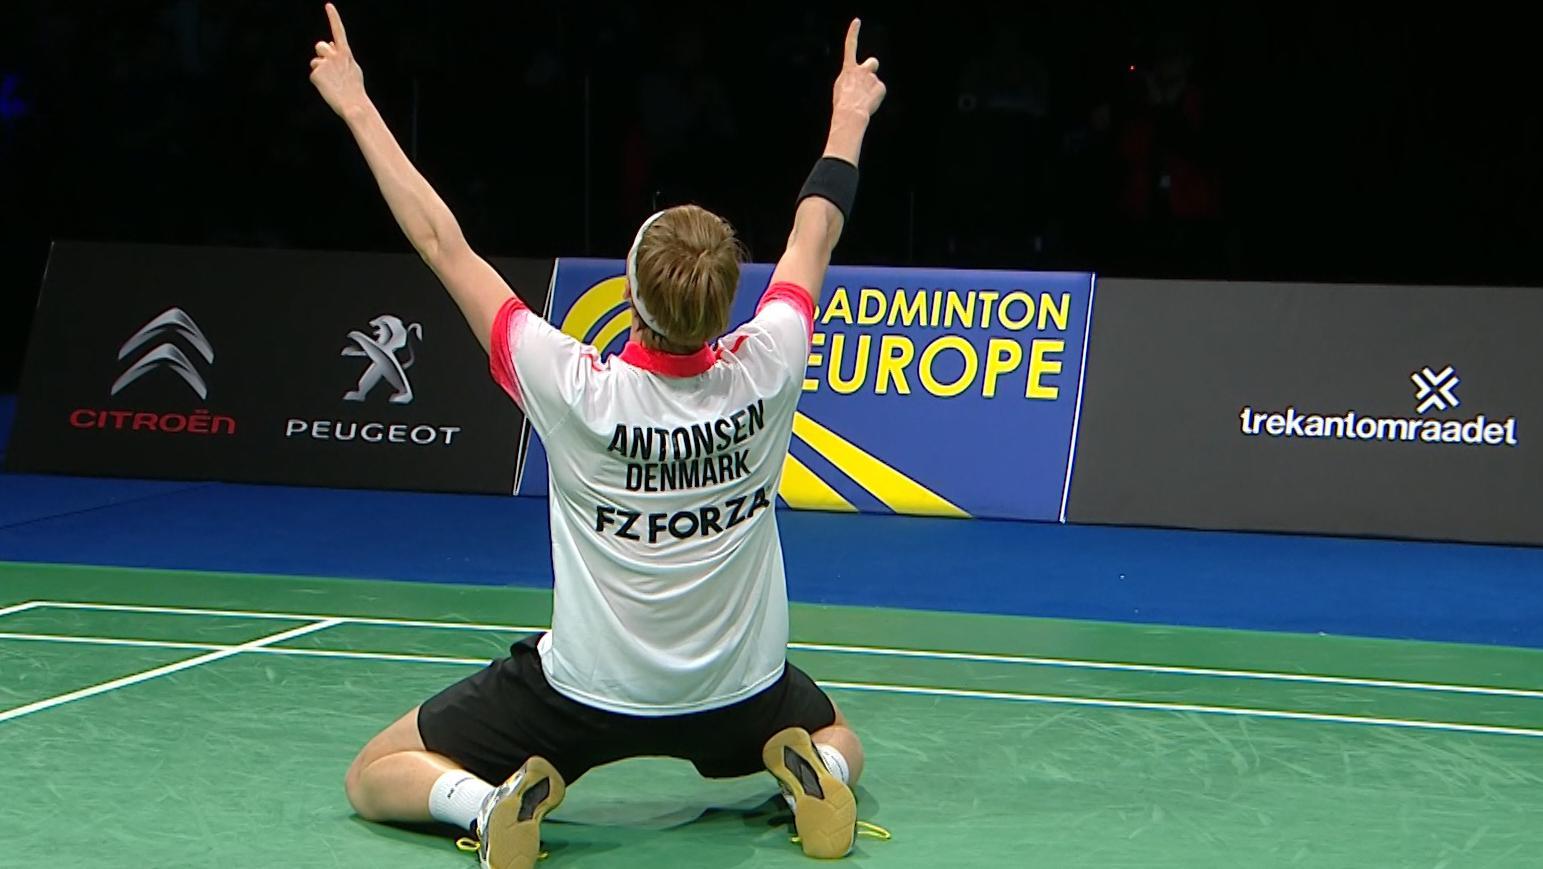 2904_badminton.mxf_.16_38_12_10.still002.jpg